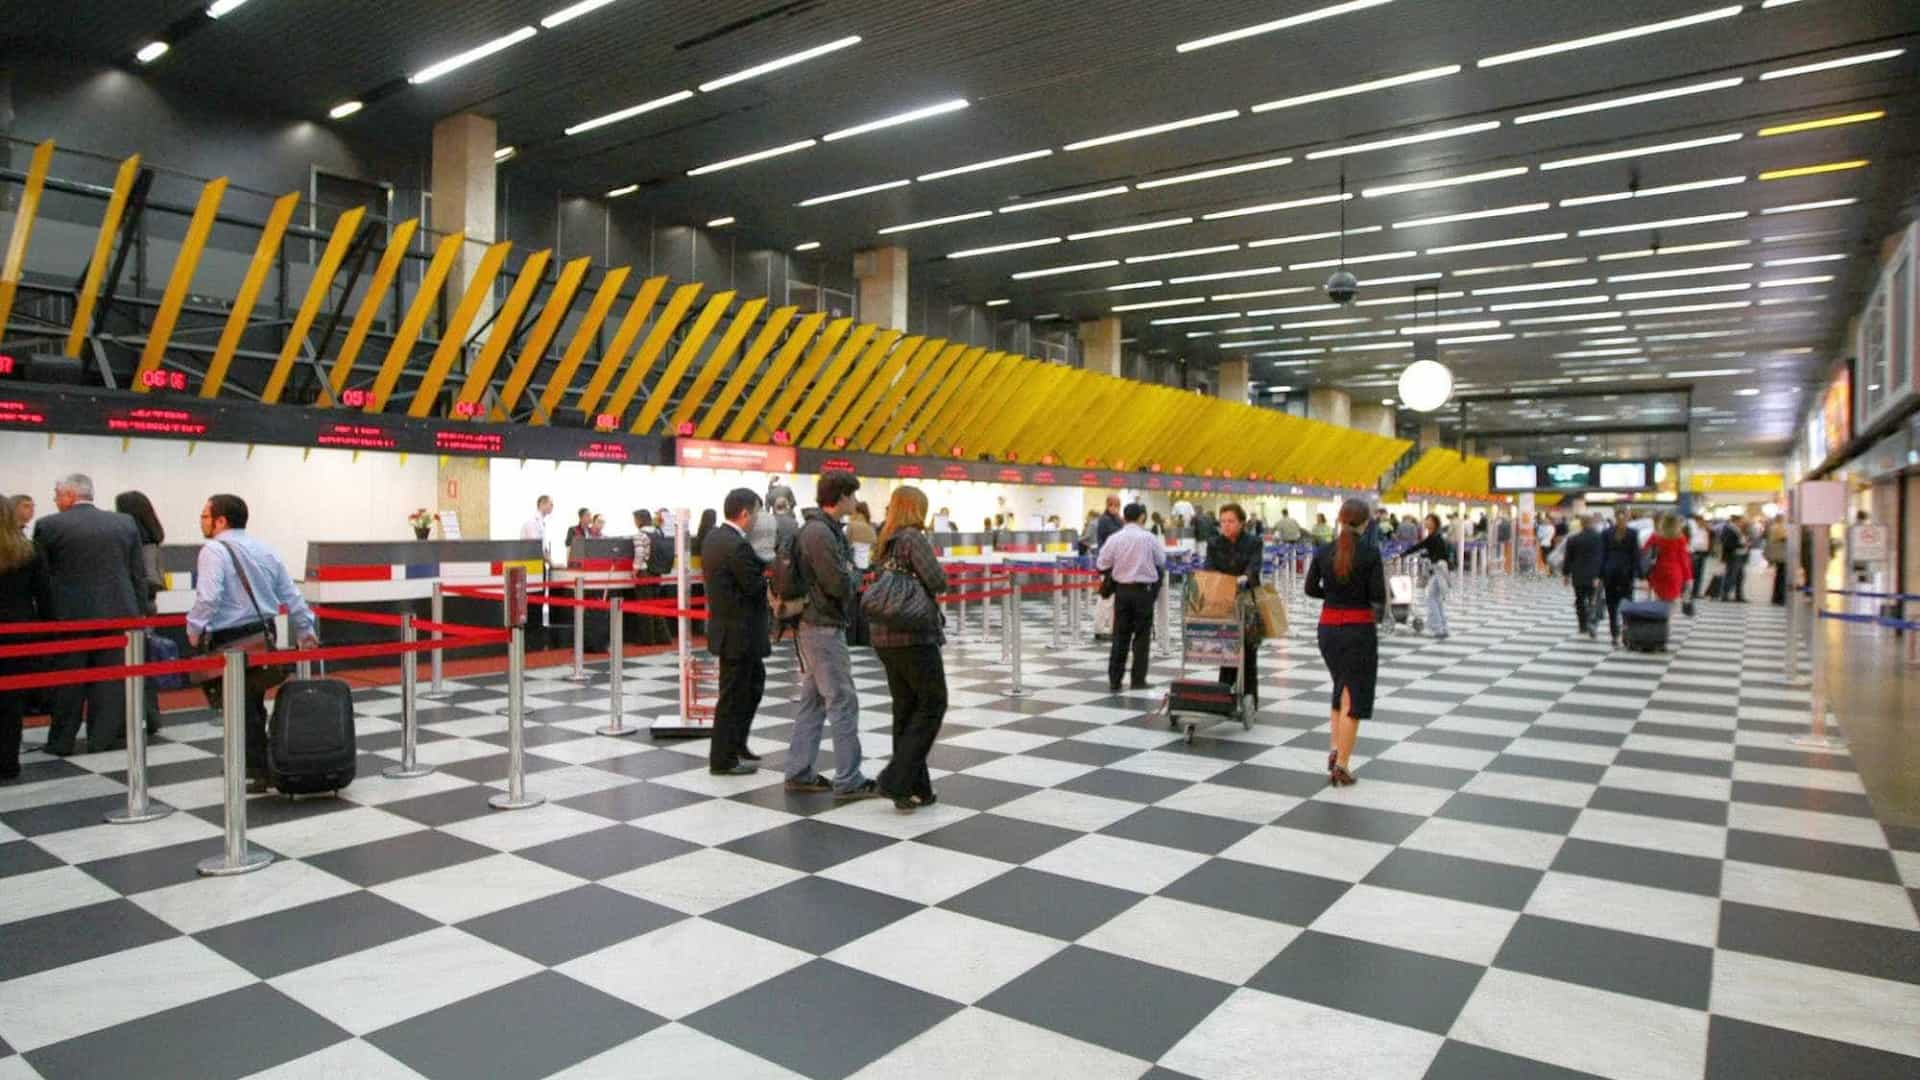 Aeroportos do Brasil estão entre os mais pontuais do mundo